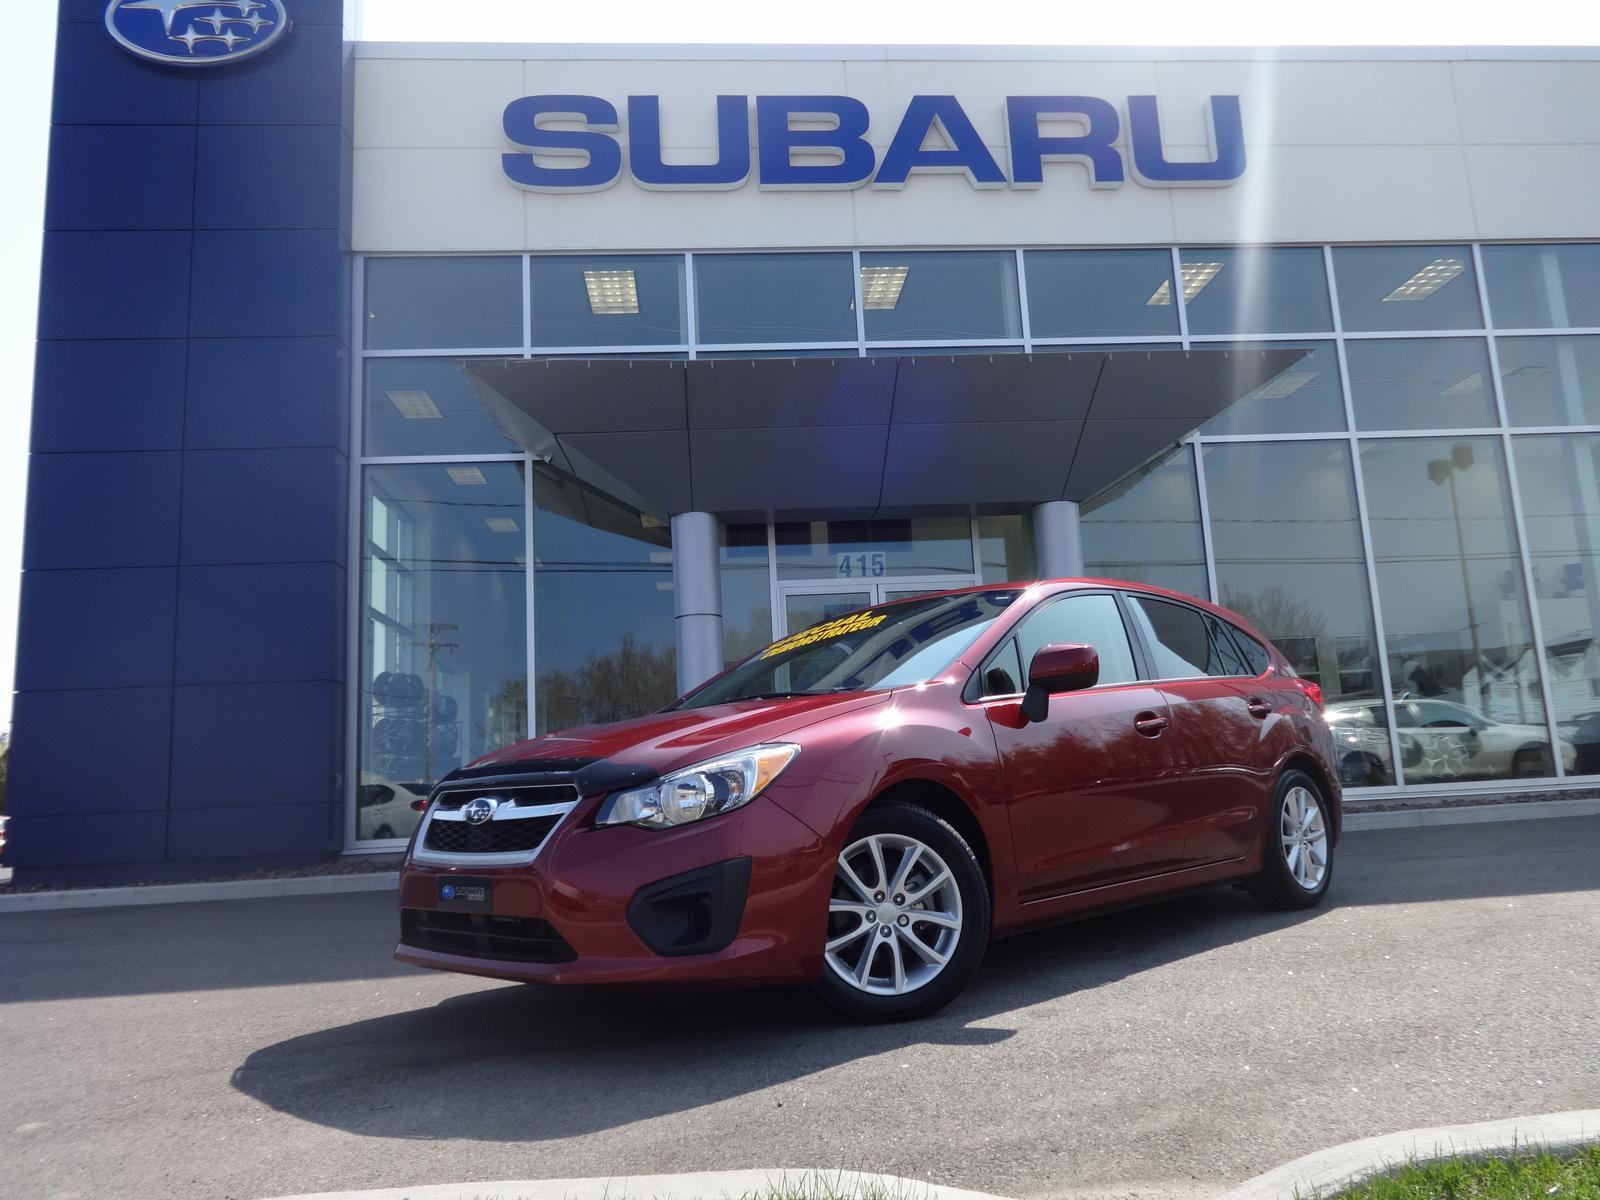 Subaru Impreza 5  WOW 37000 KM 2014 2.0i w/Touring Pkg #14-303